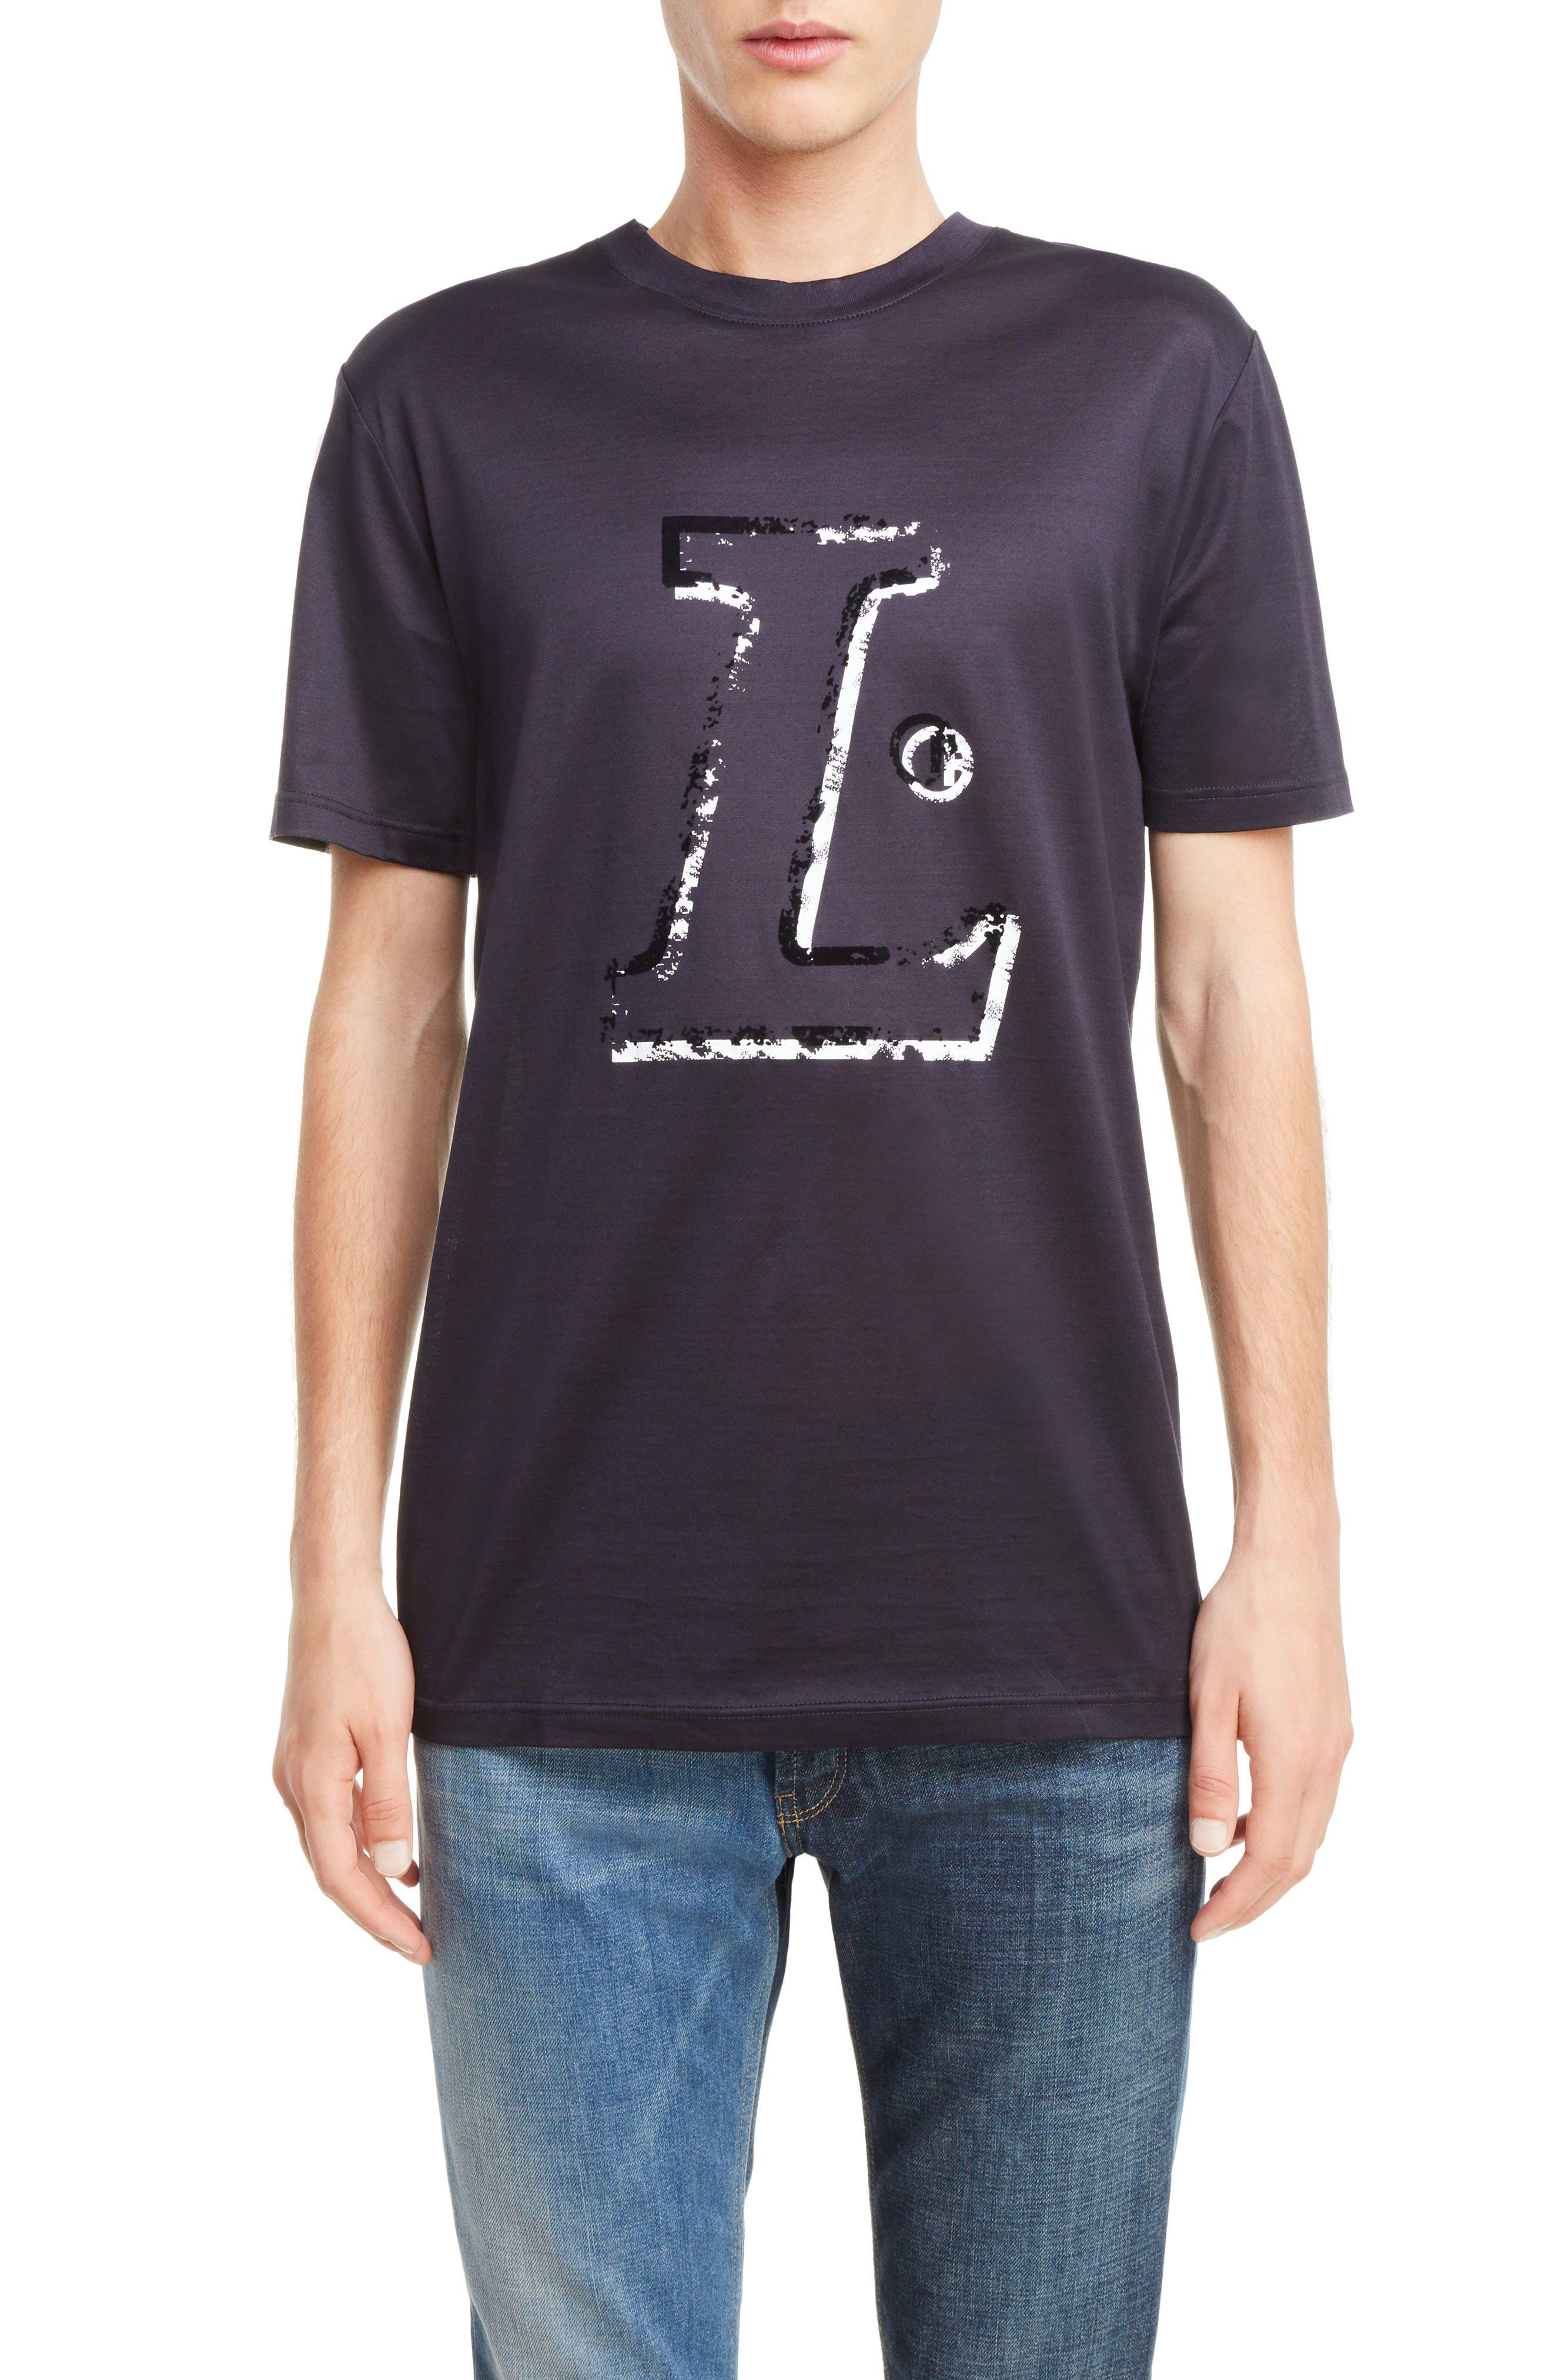 Lanvin Graphic T-Shirt